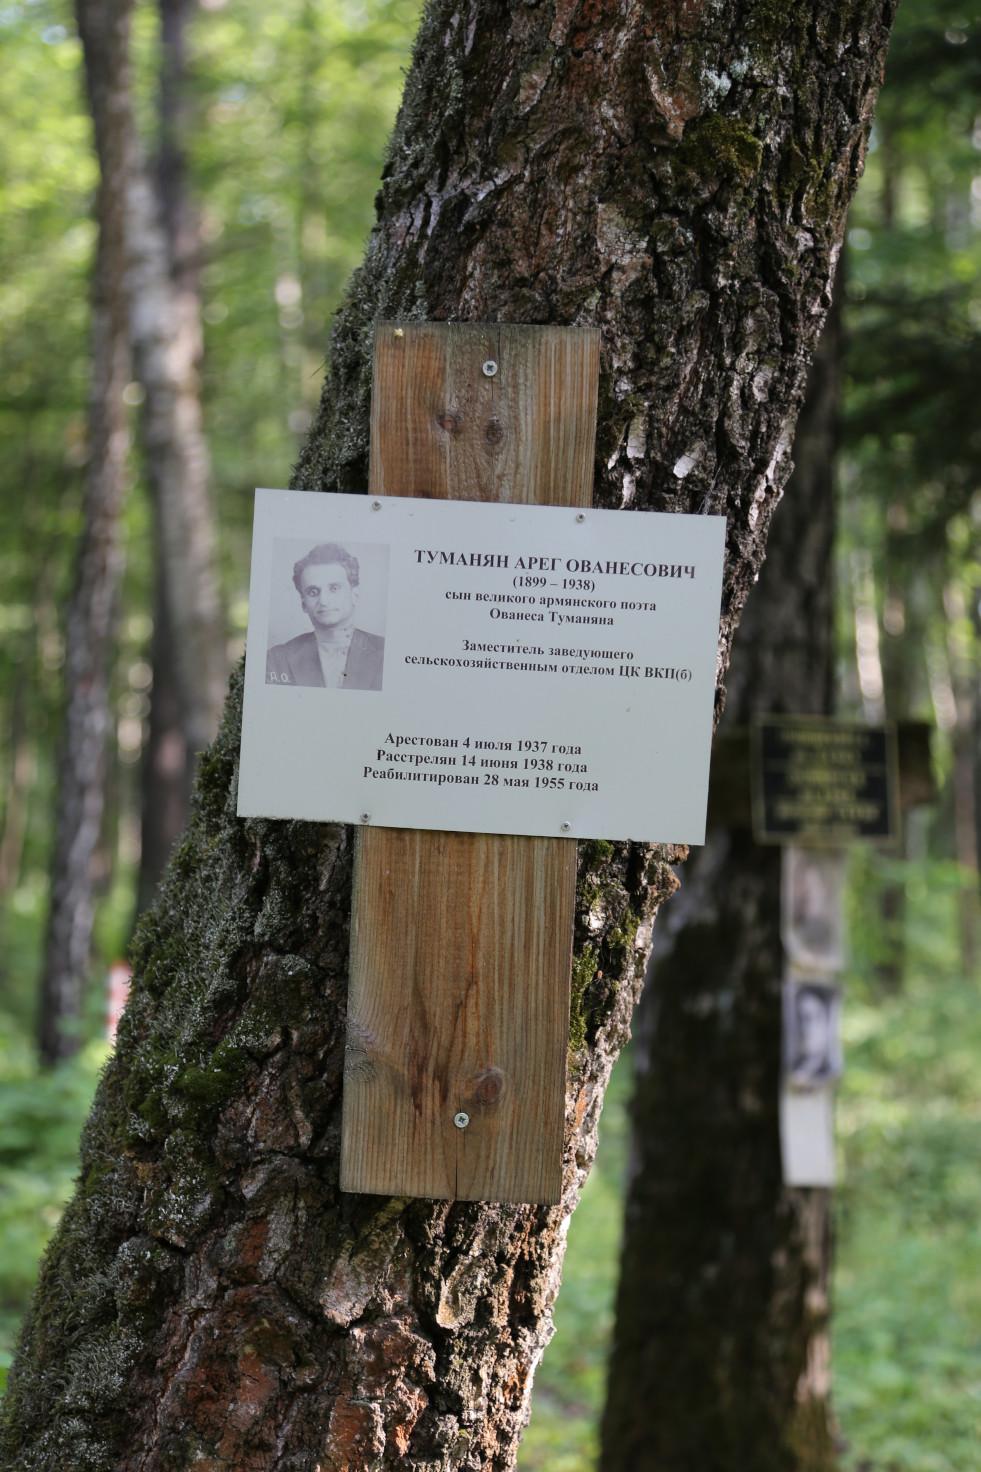 Памятный крест А.О. Туманяну. Фото 22.06.2018.